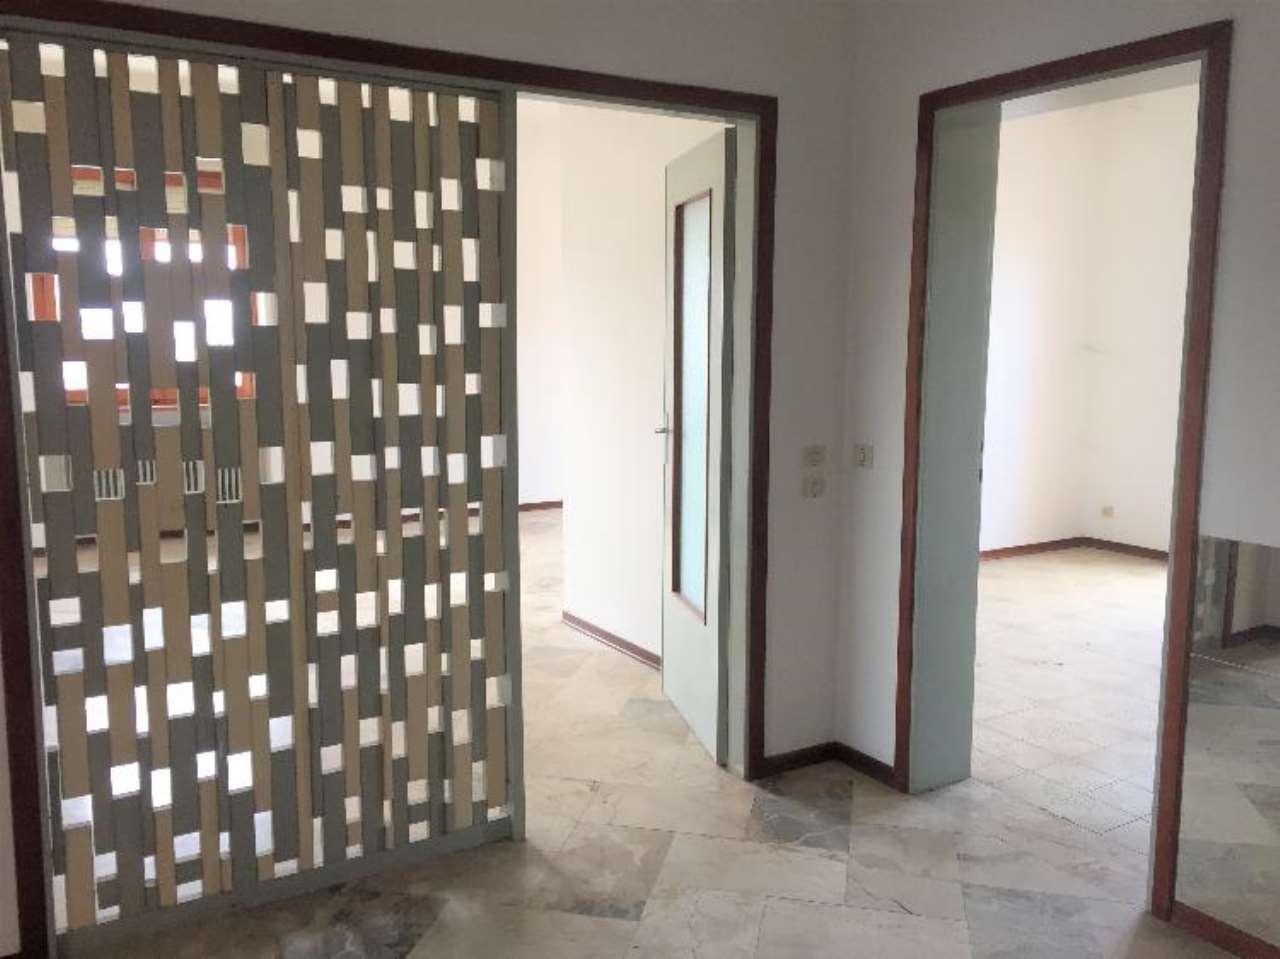 Appartamento in vendita a Castelvetro Piacentino, 3 locali, prezzo € 75.000 | CambioCasa.it